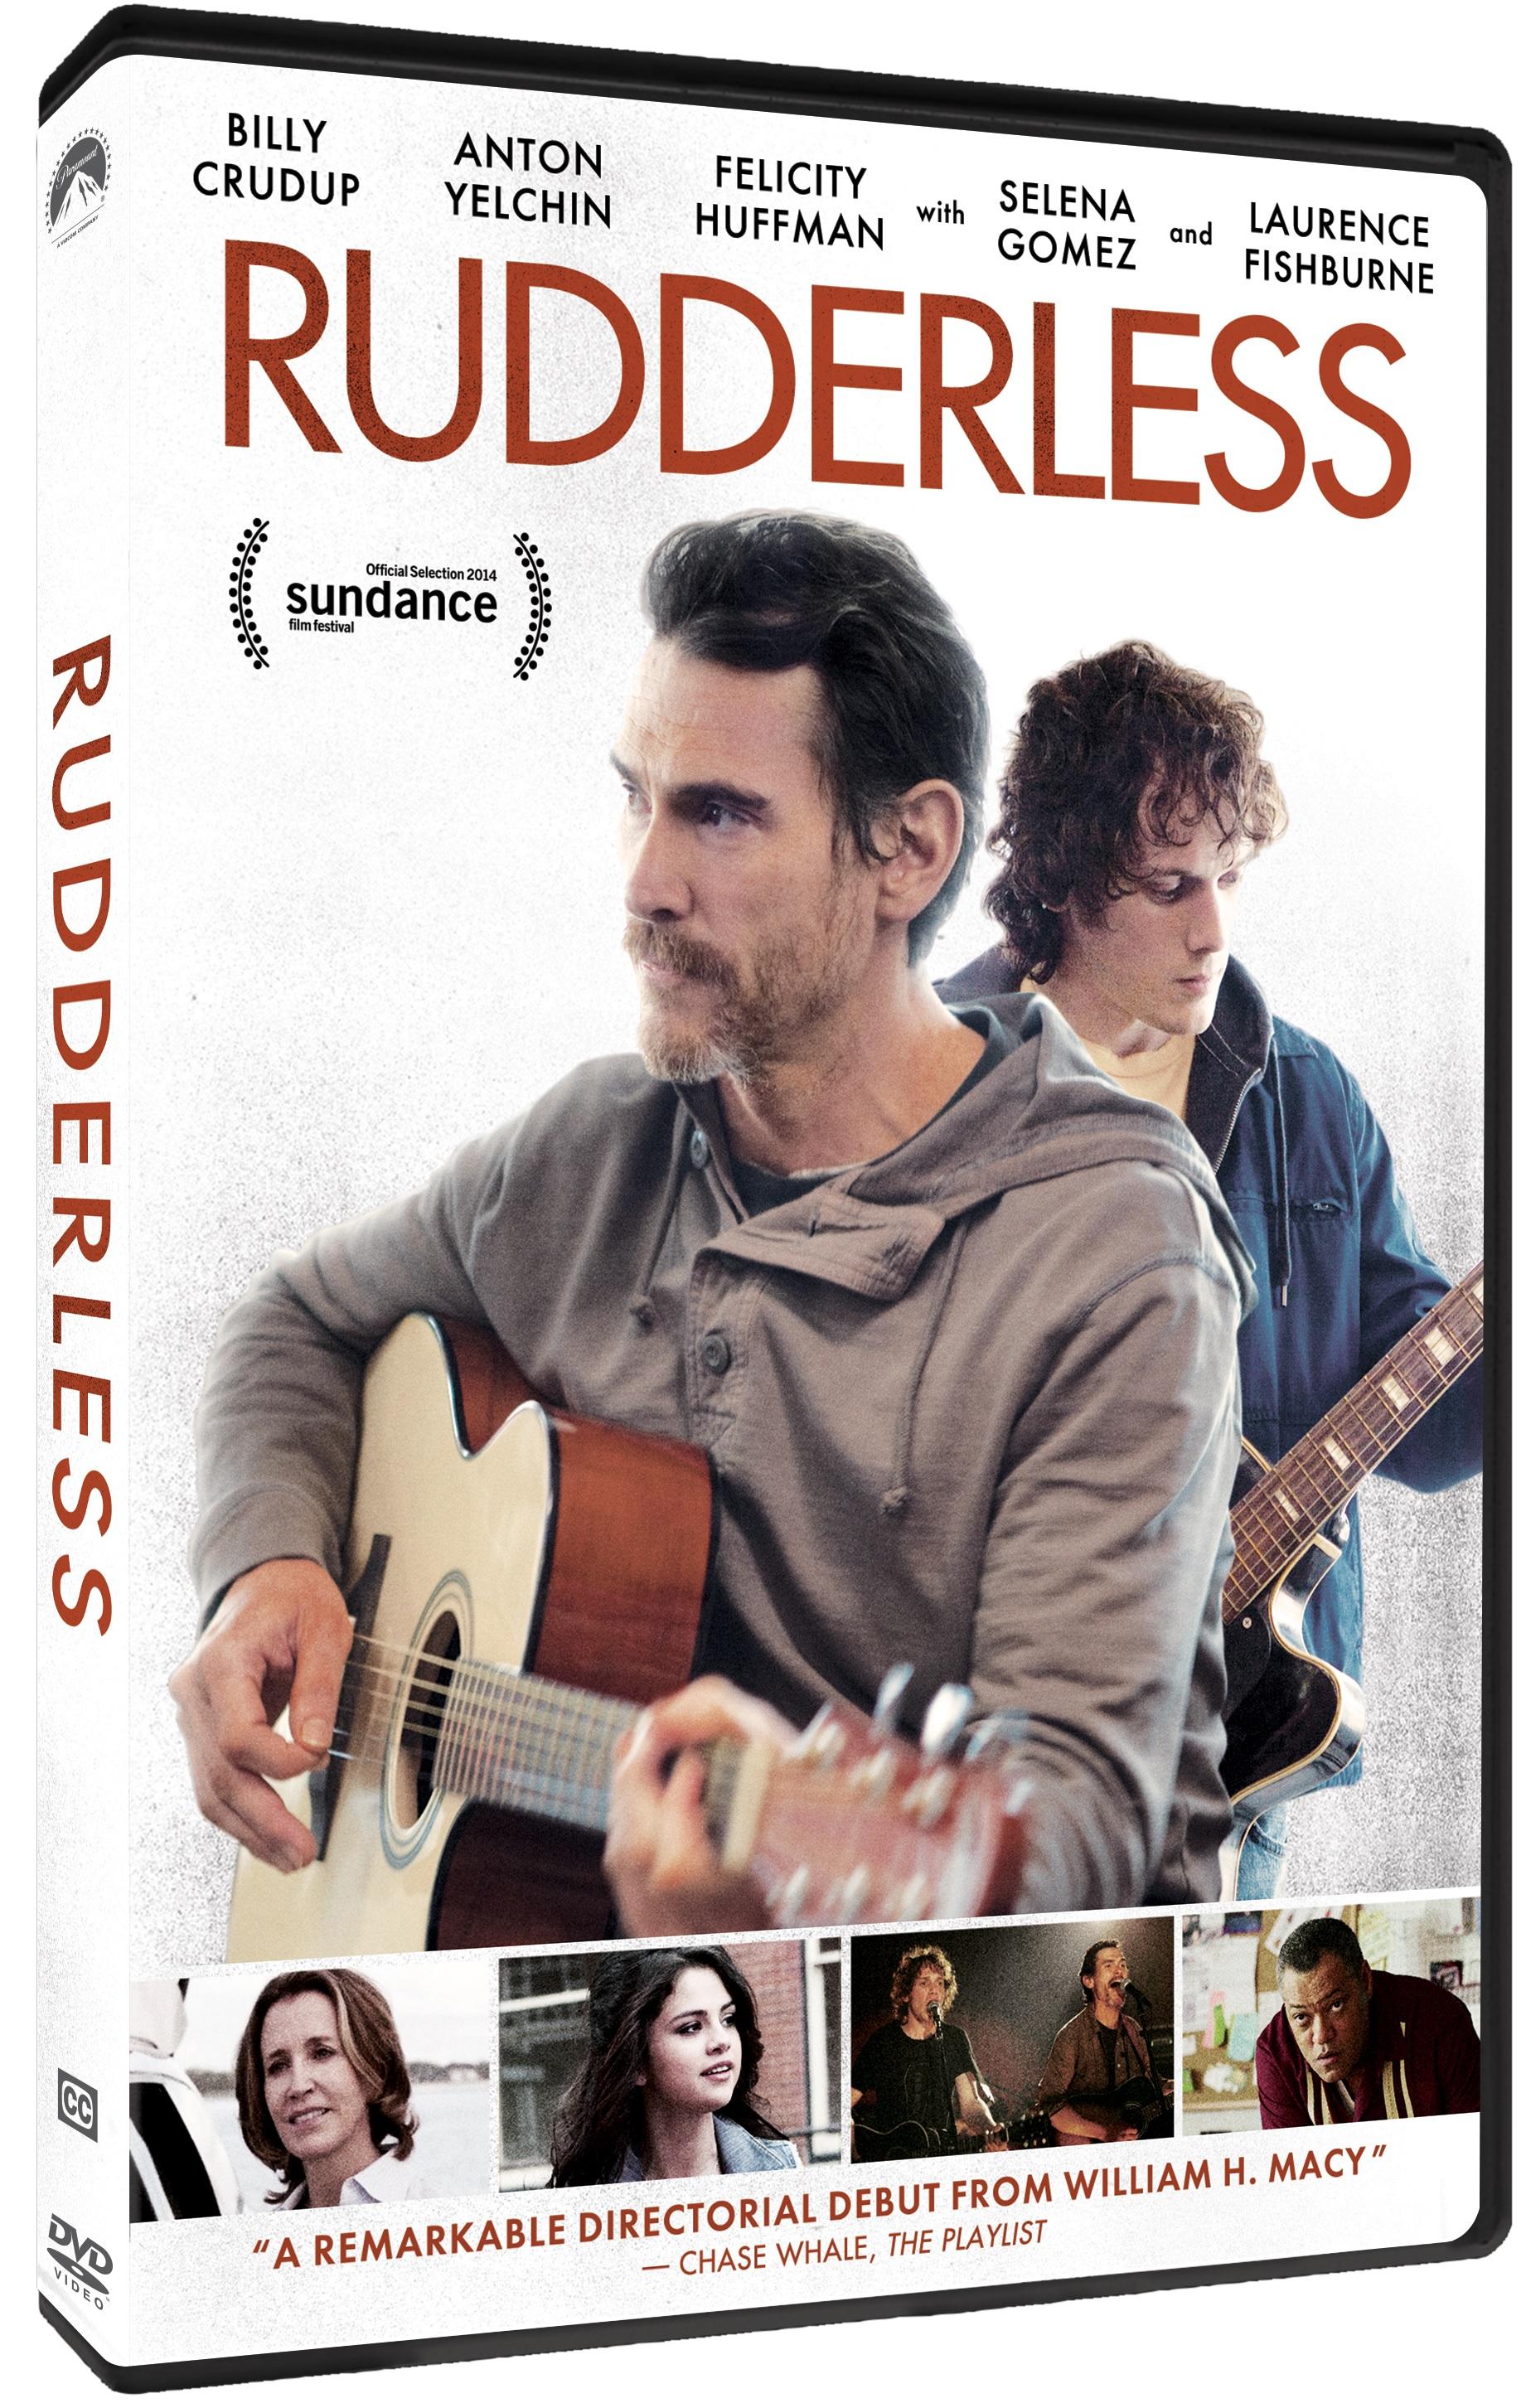 Rudderless DVD Review